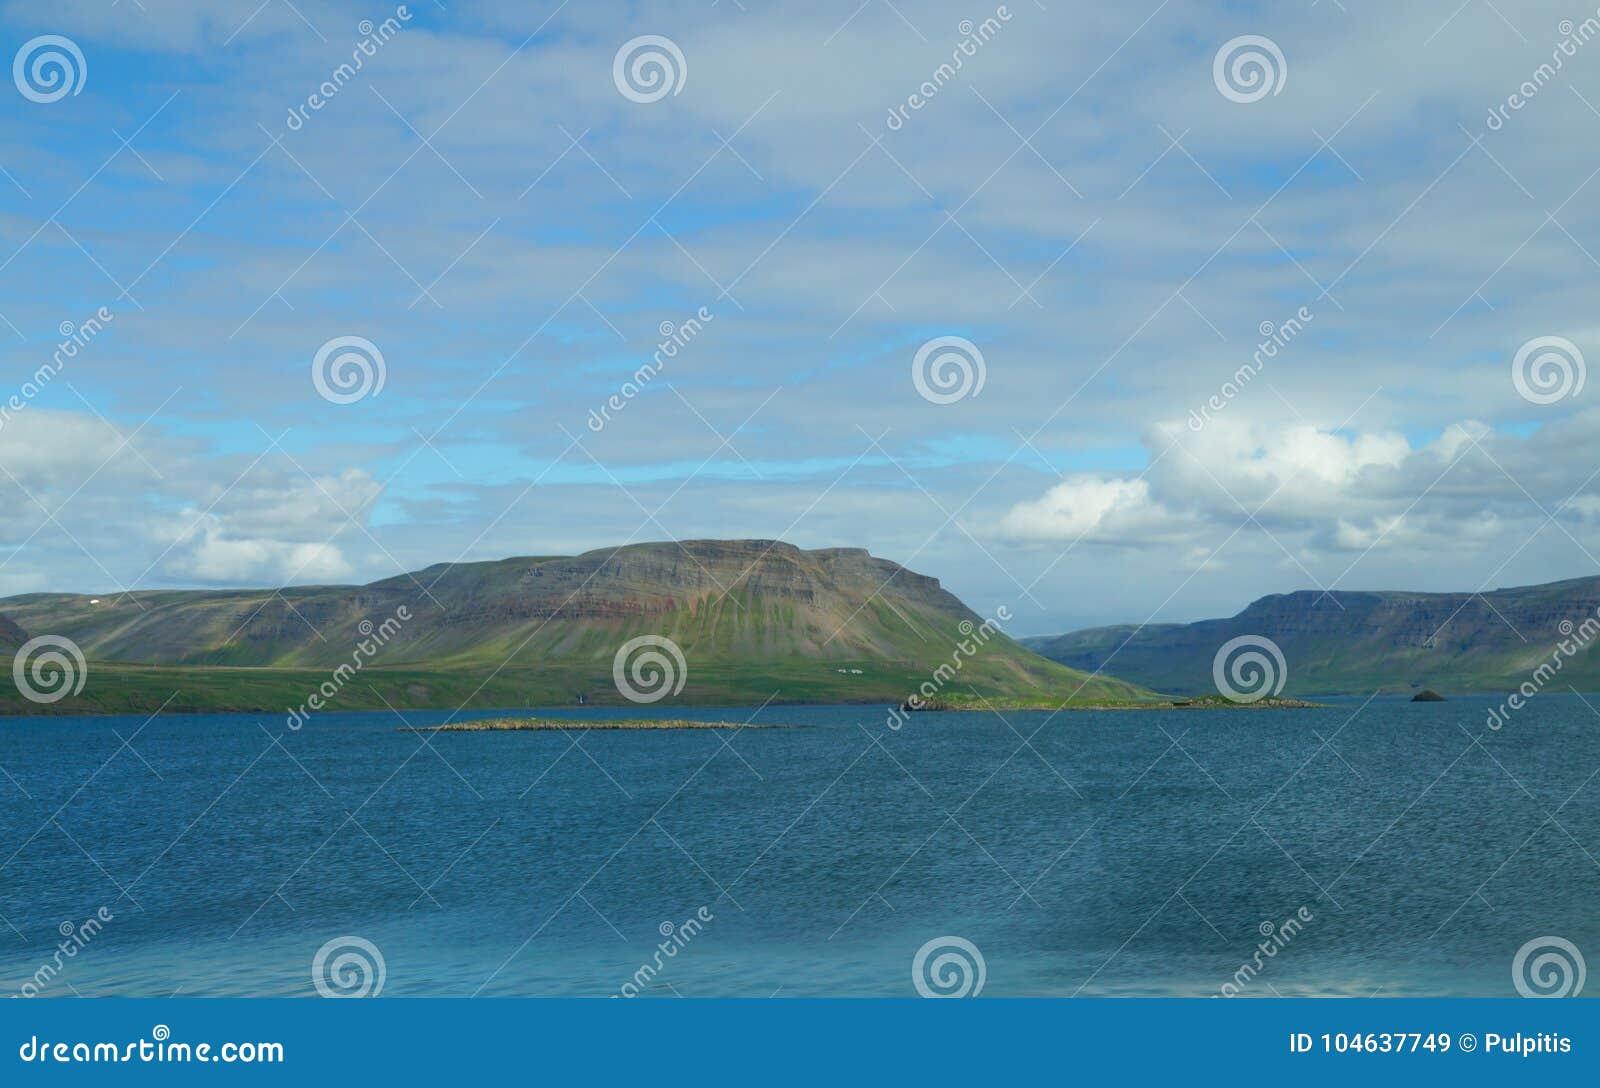 Download Mooie Mening In De Zomer, IJsland Stock Afbeelding - Afbeelding bestaande uit nave, europa: 104637749